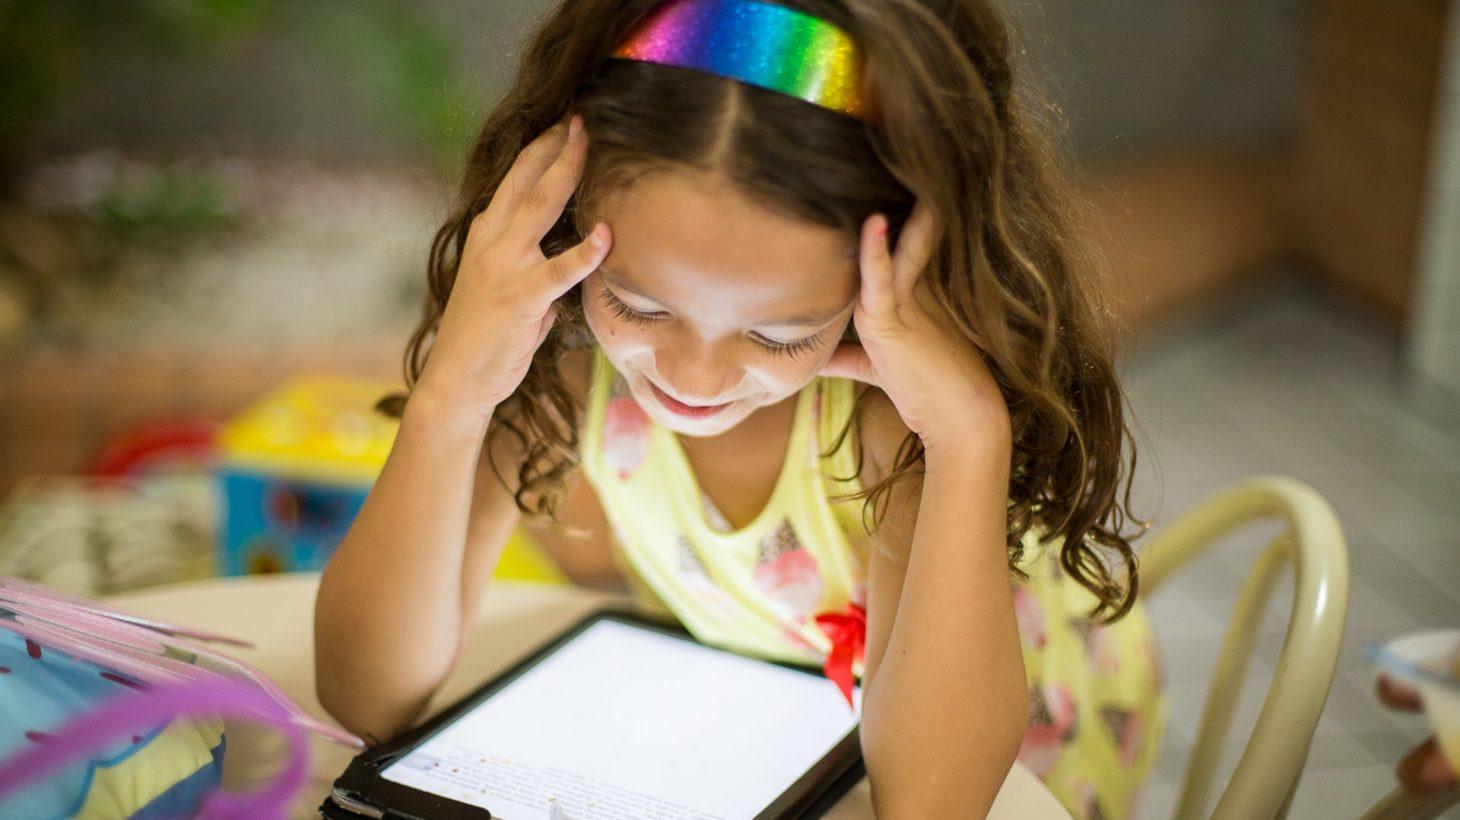 Barn läser bok på läsplatta